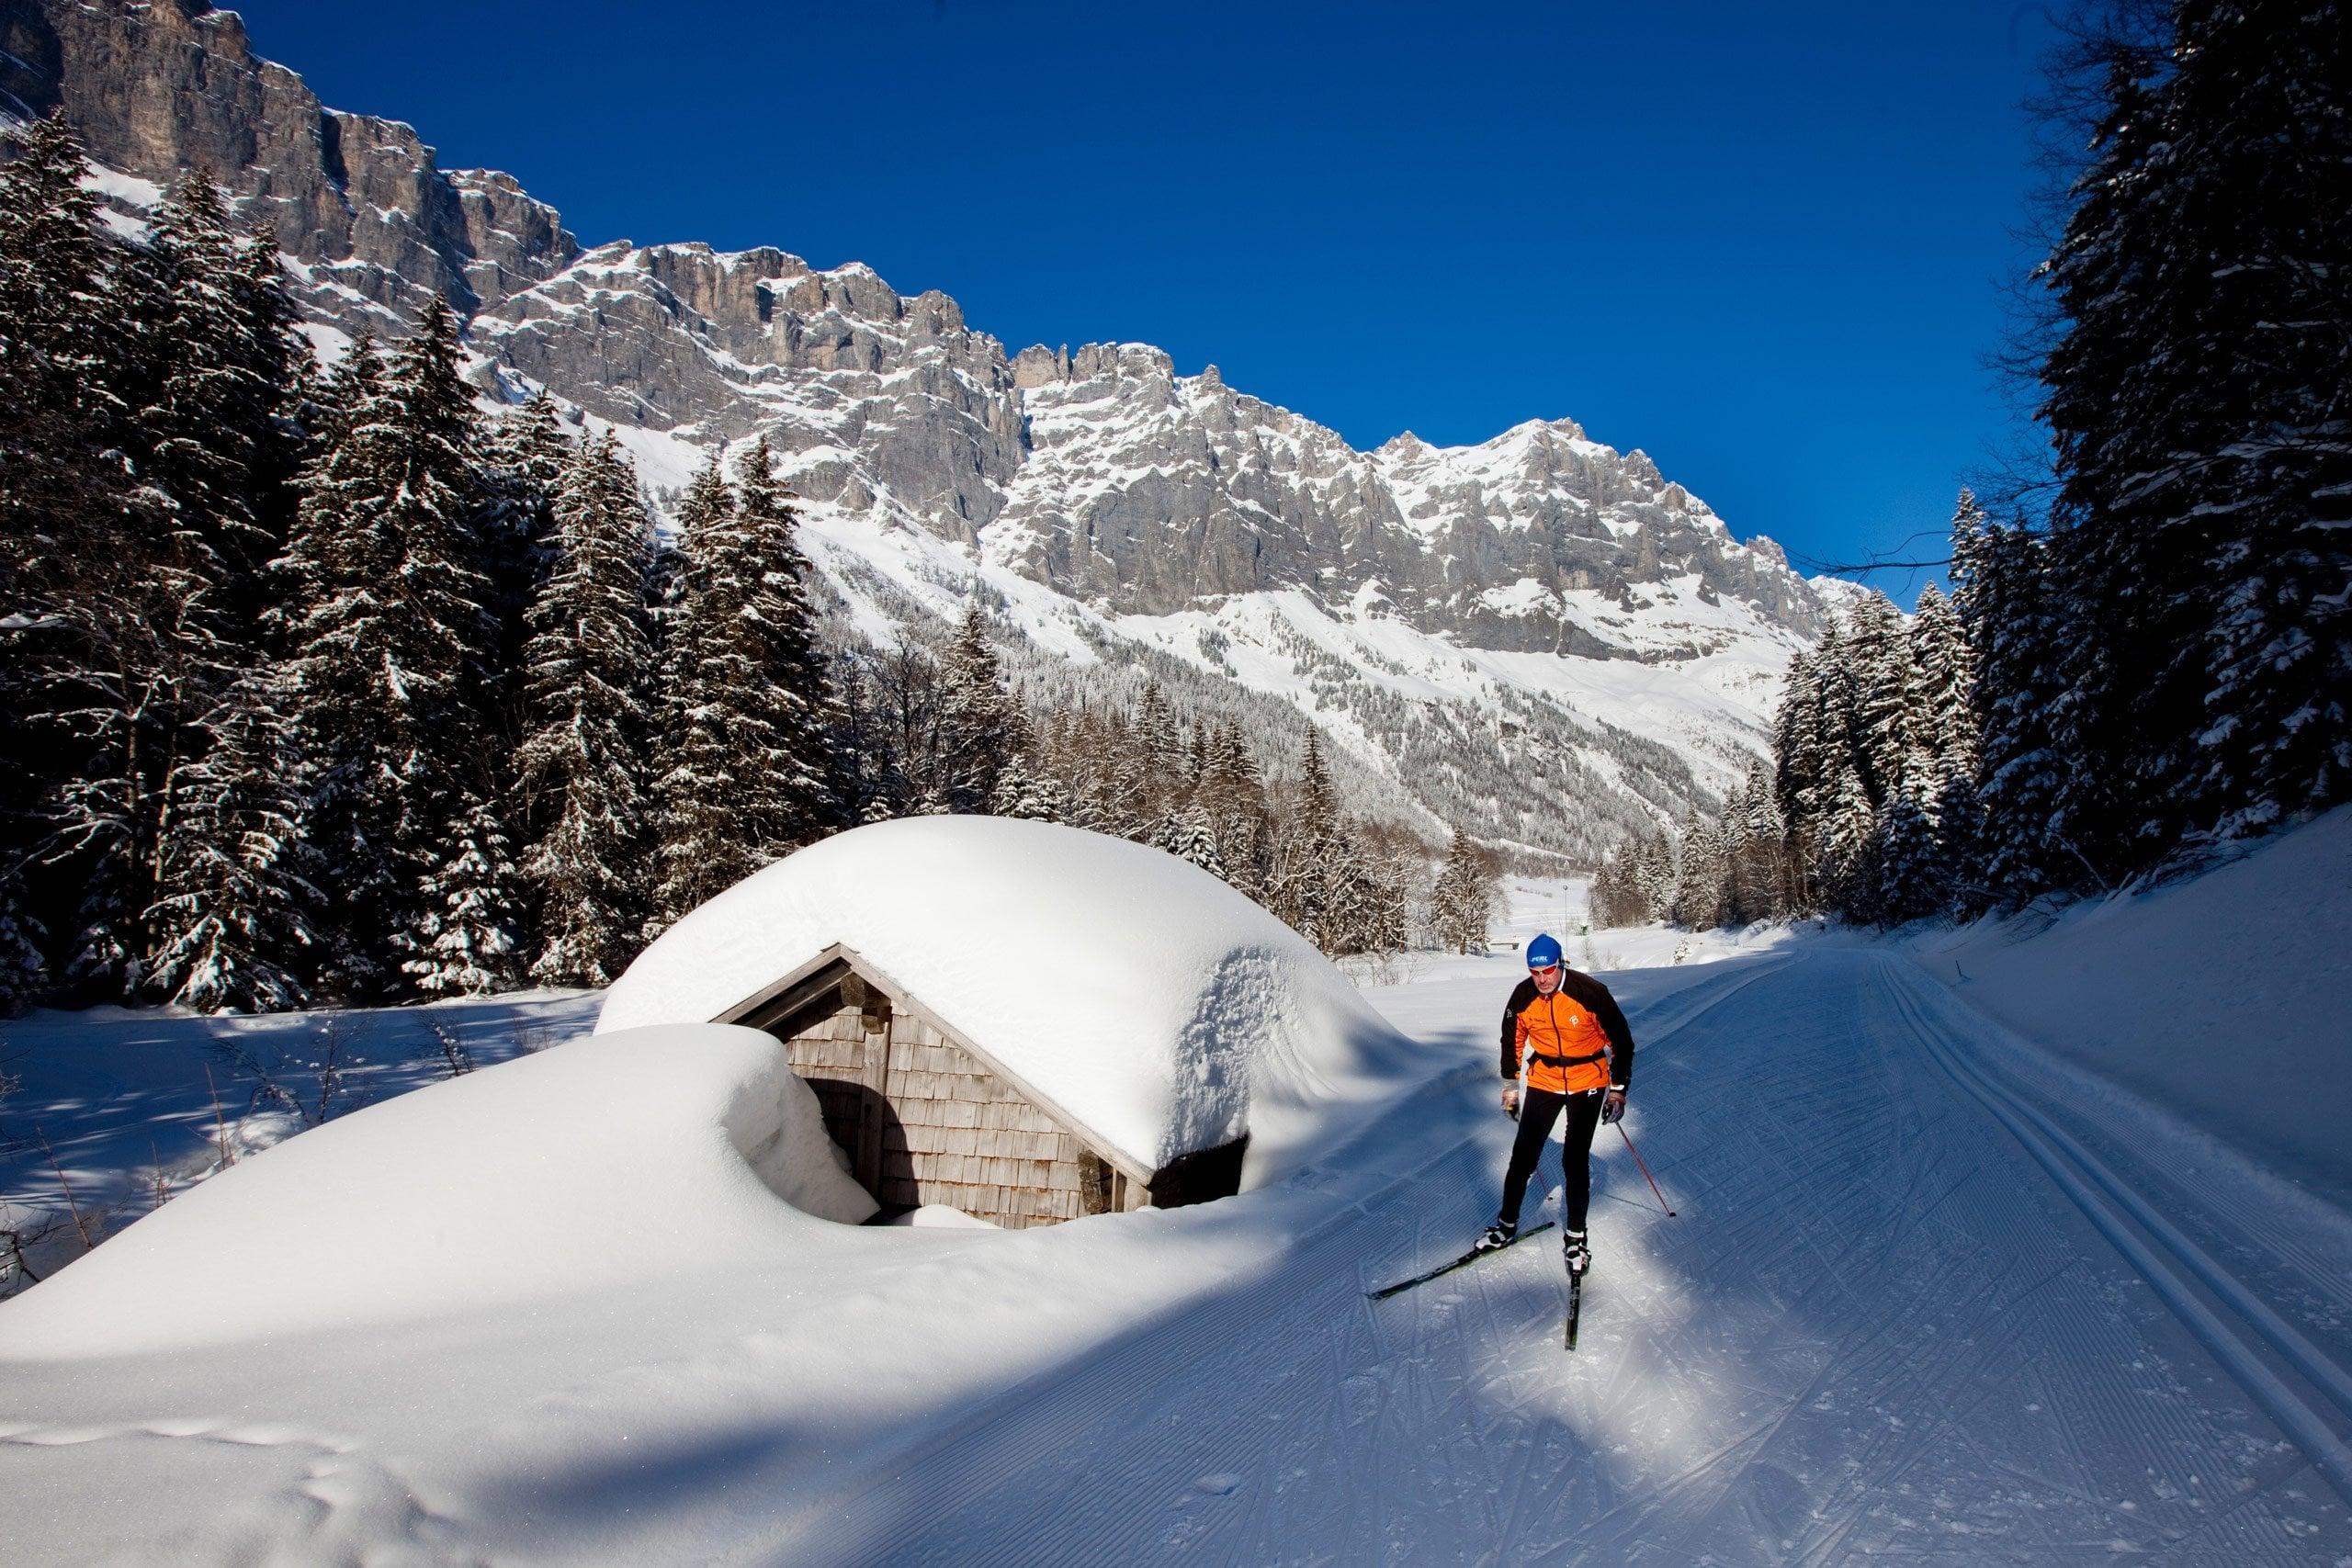 Bergsport-Paradies Gadmen by David bird